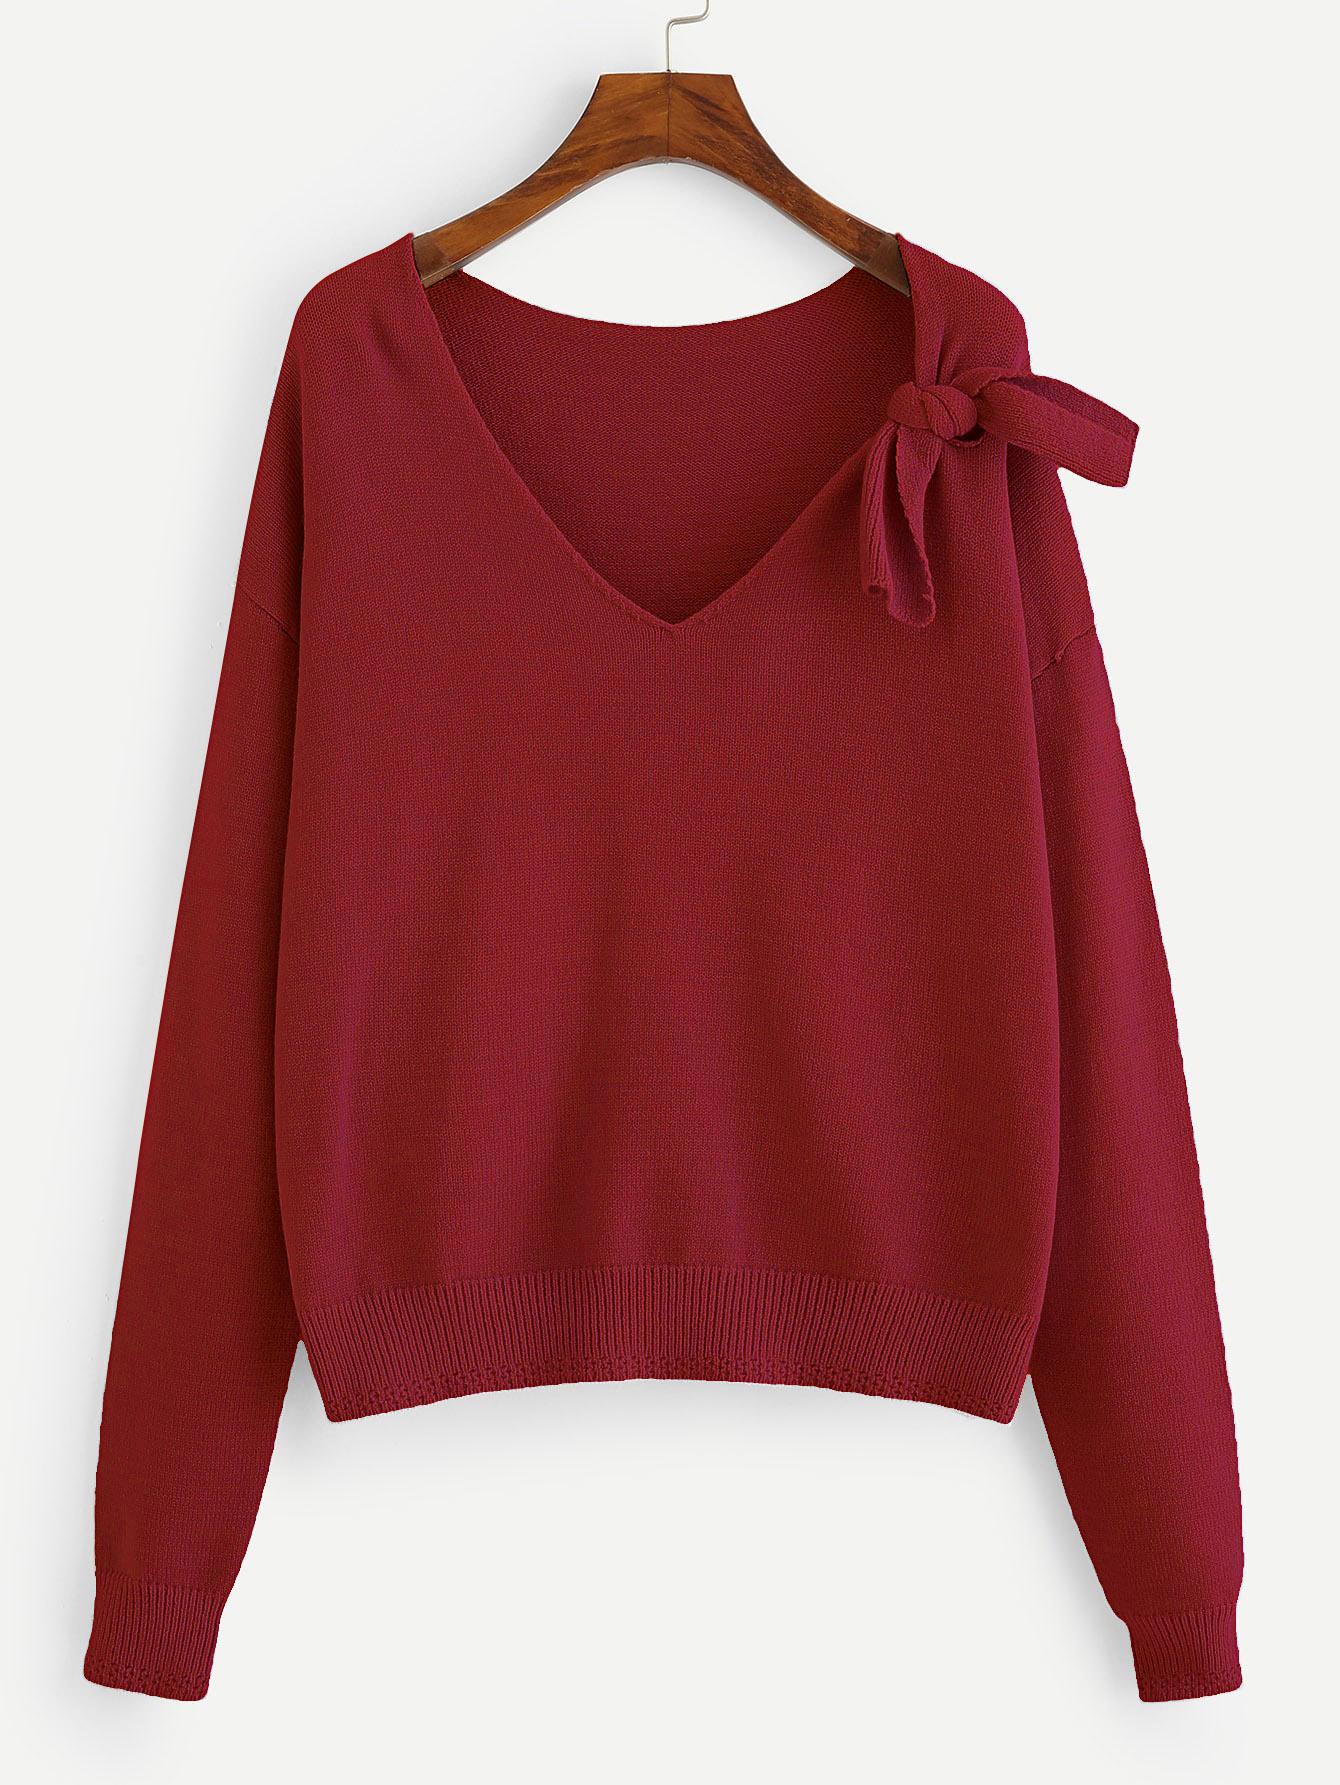 Купить Однотонный свитер с V-образным вырезом и бантом, null, SheIn